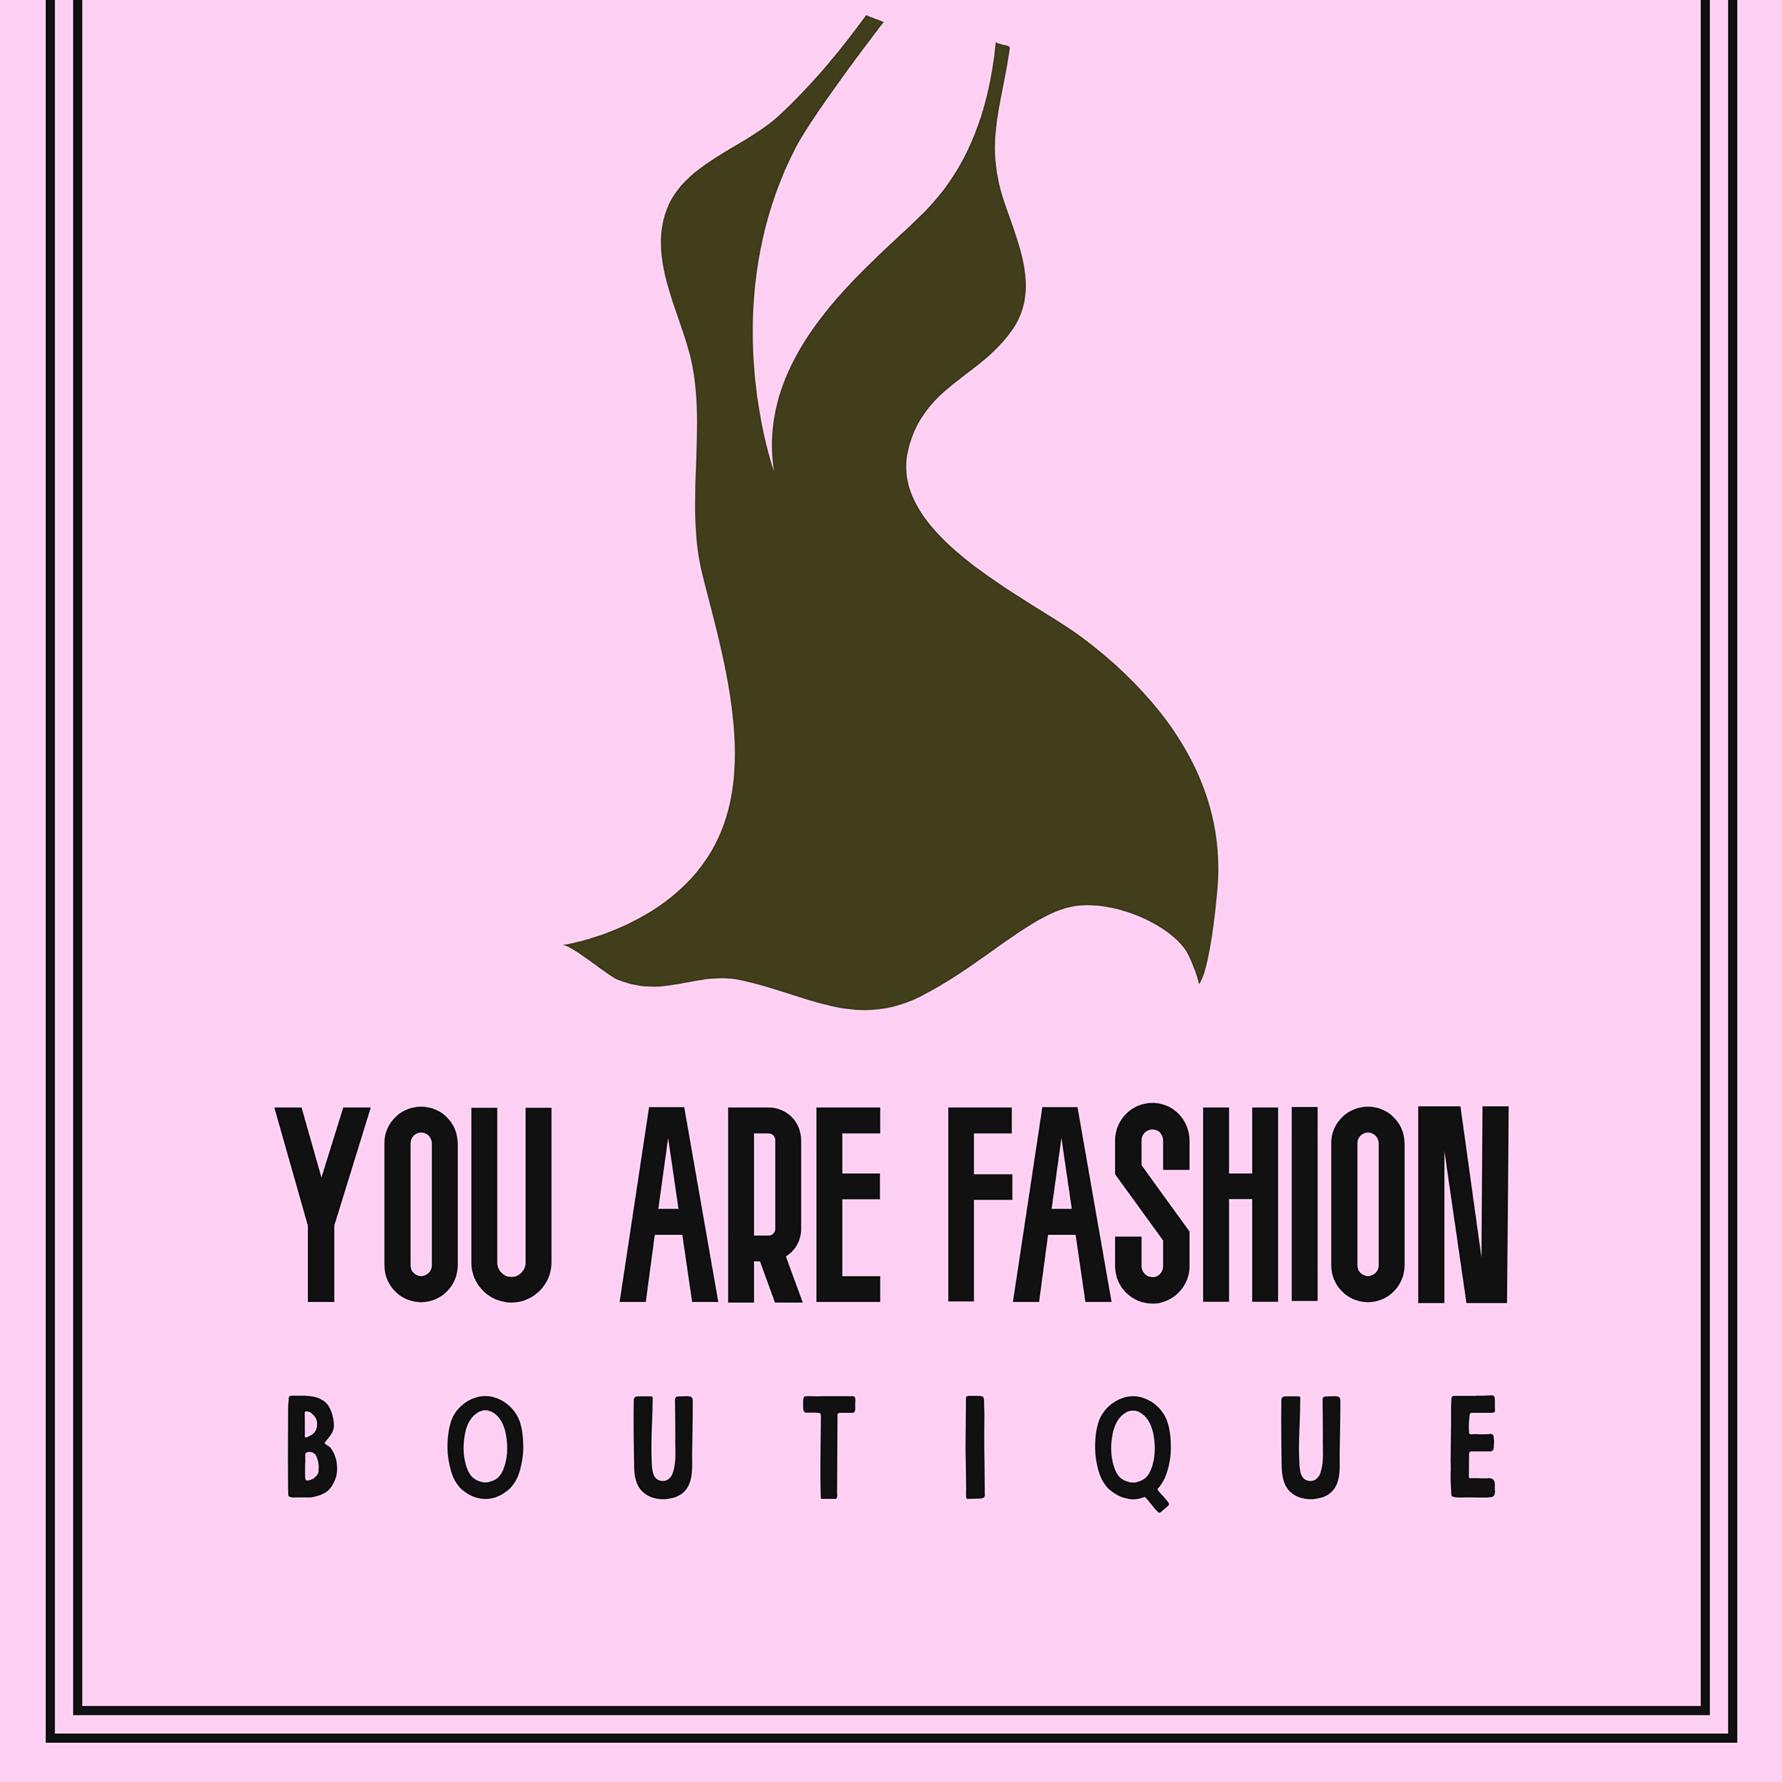 YouAreFashionBoutique.com